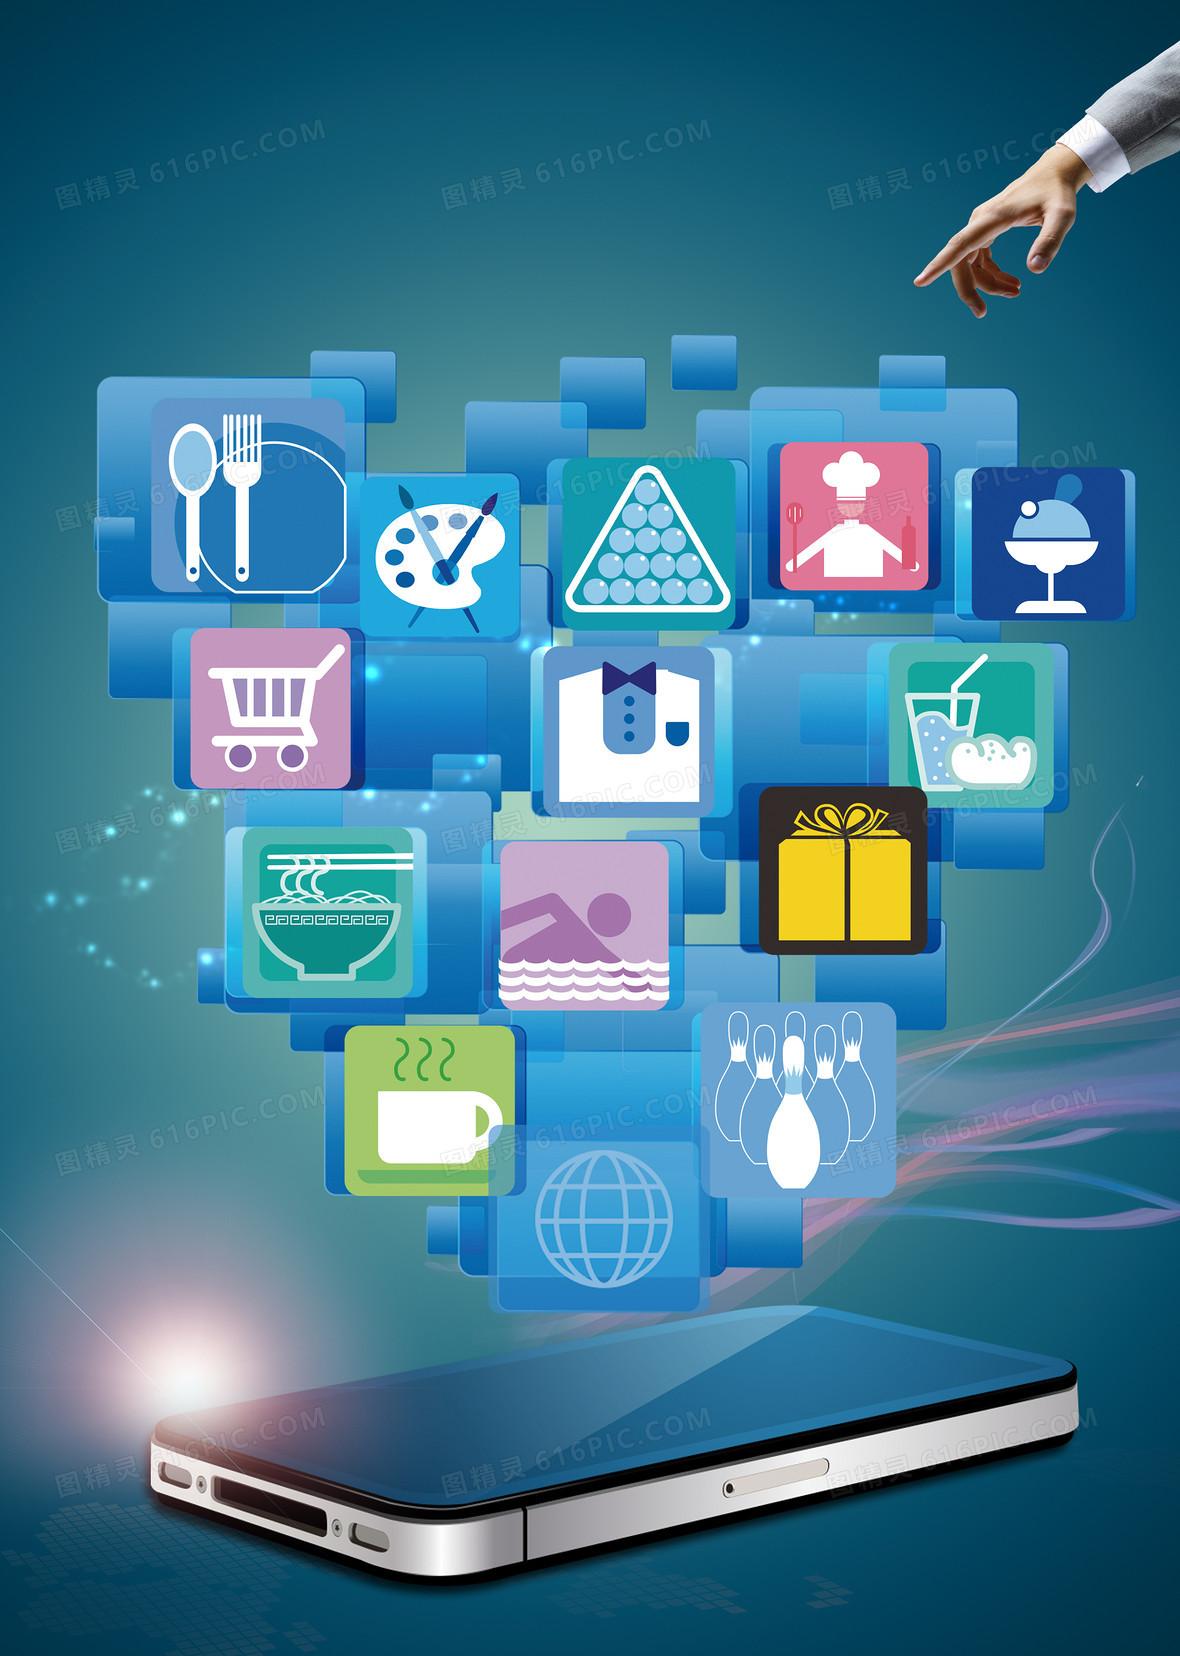 科技感app推广背景素材